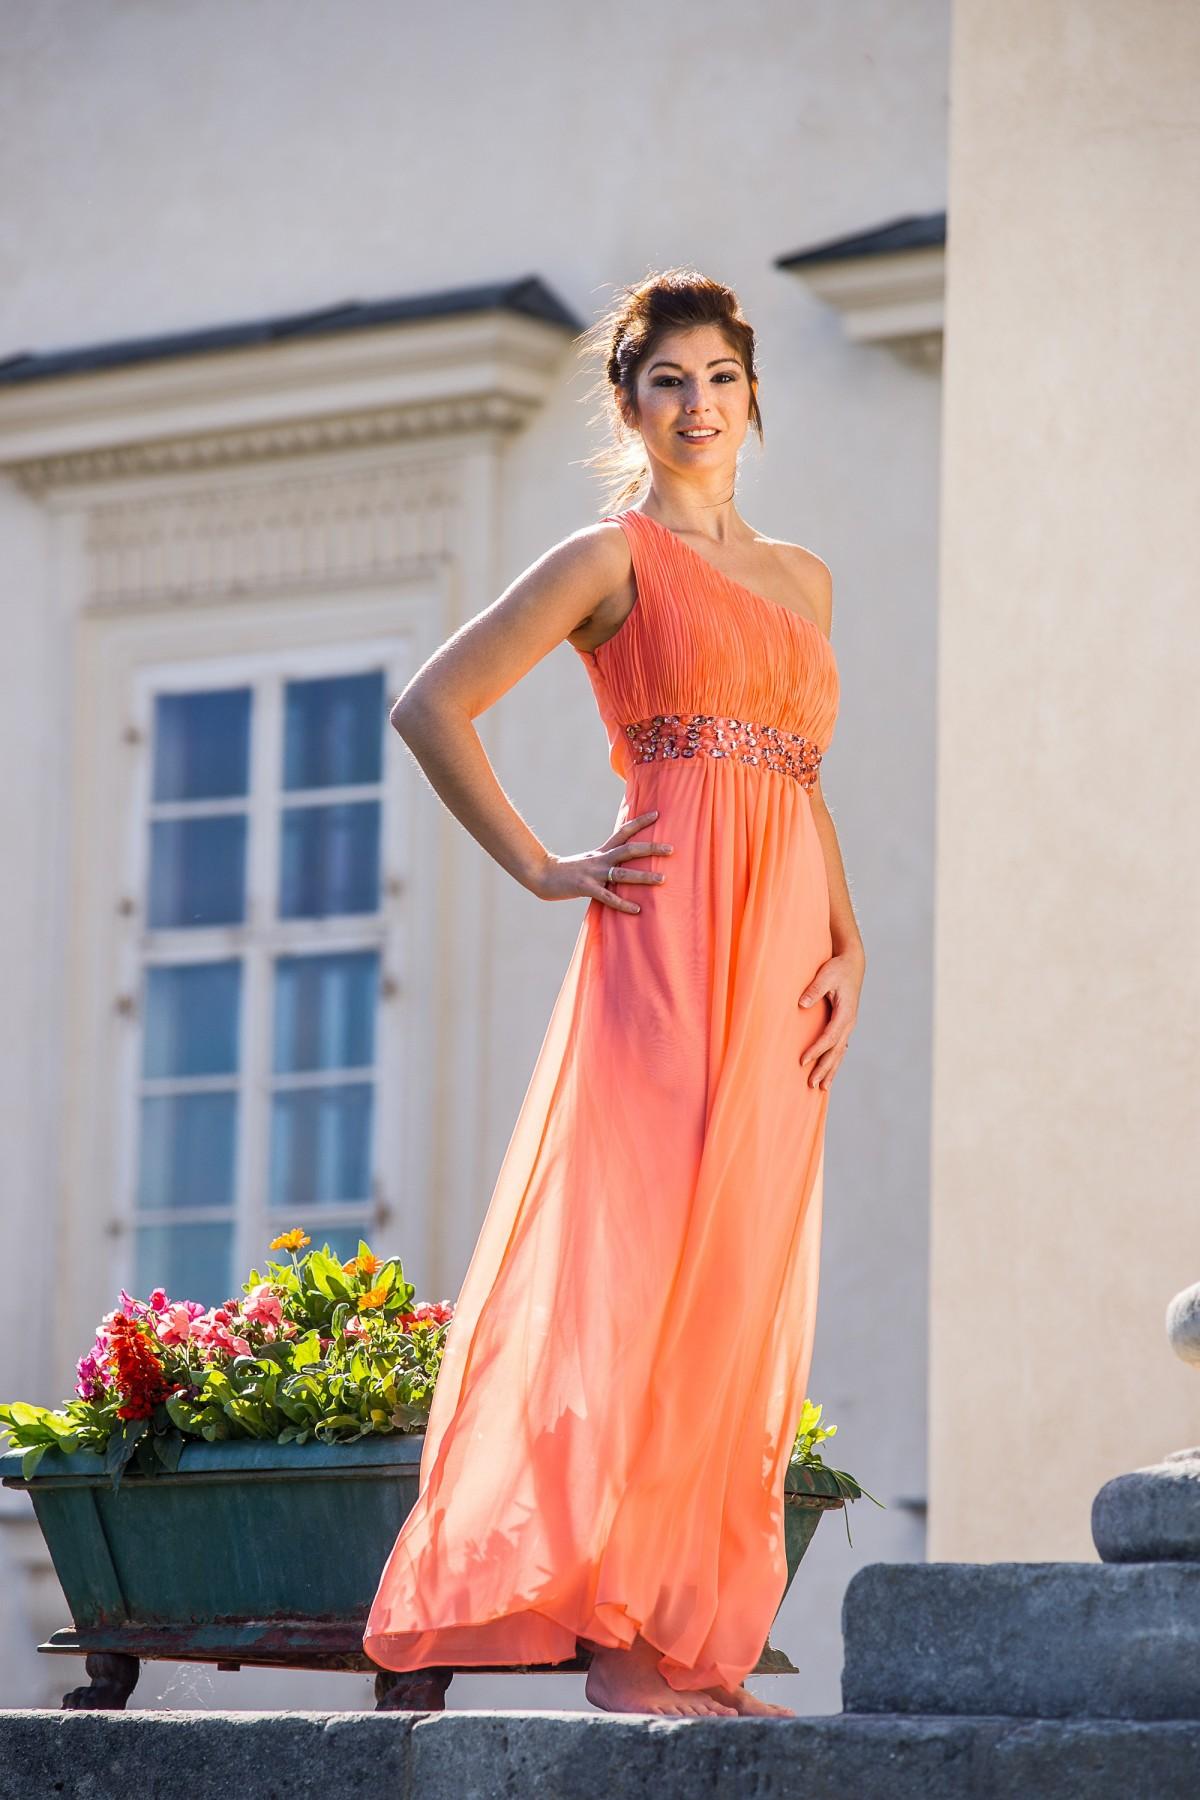 free images portrait model spring wedding dress